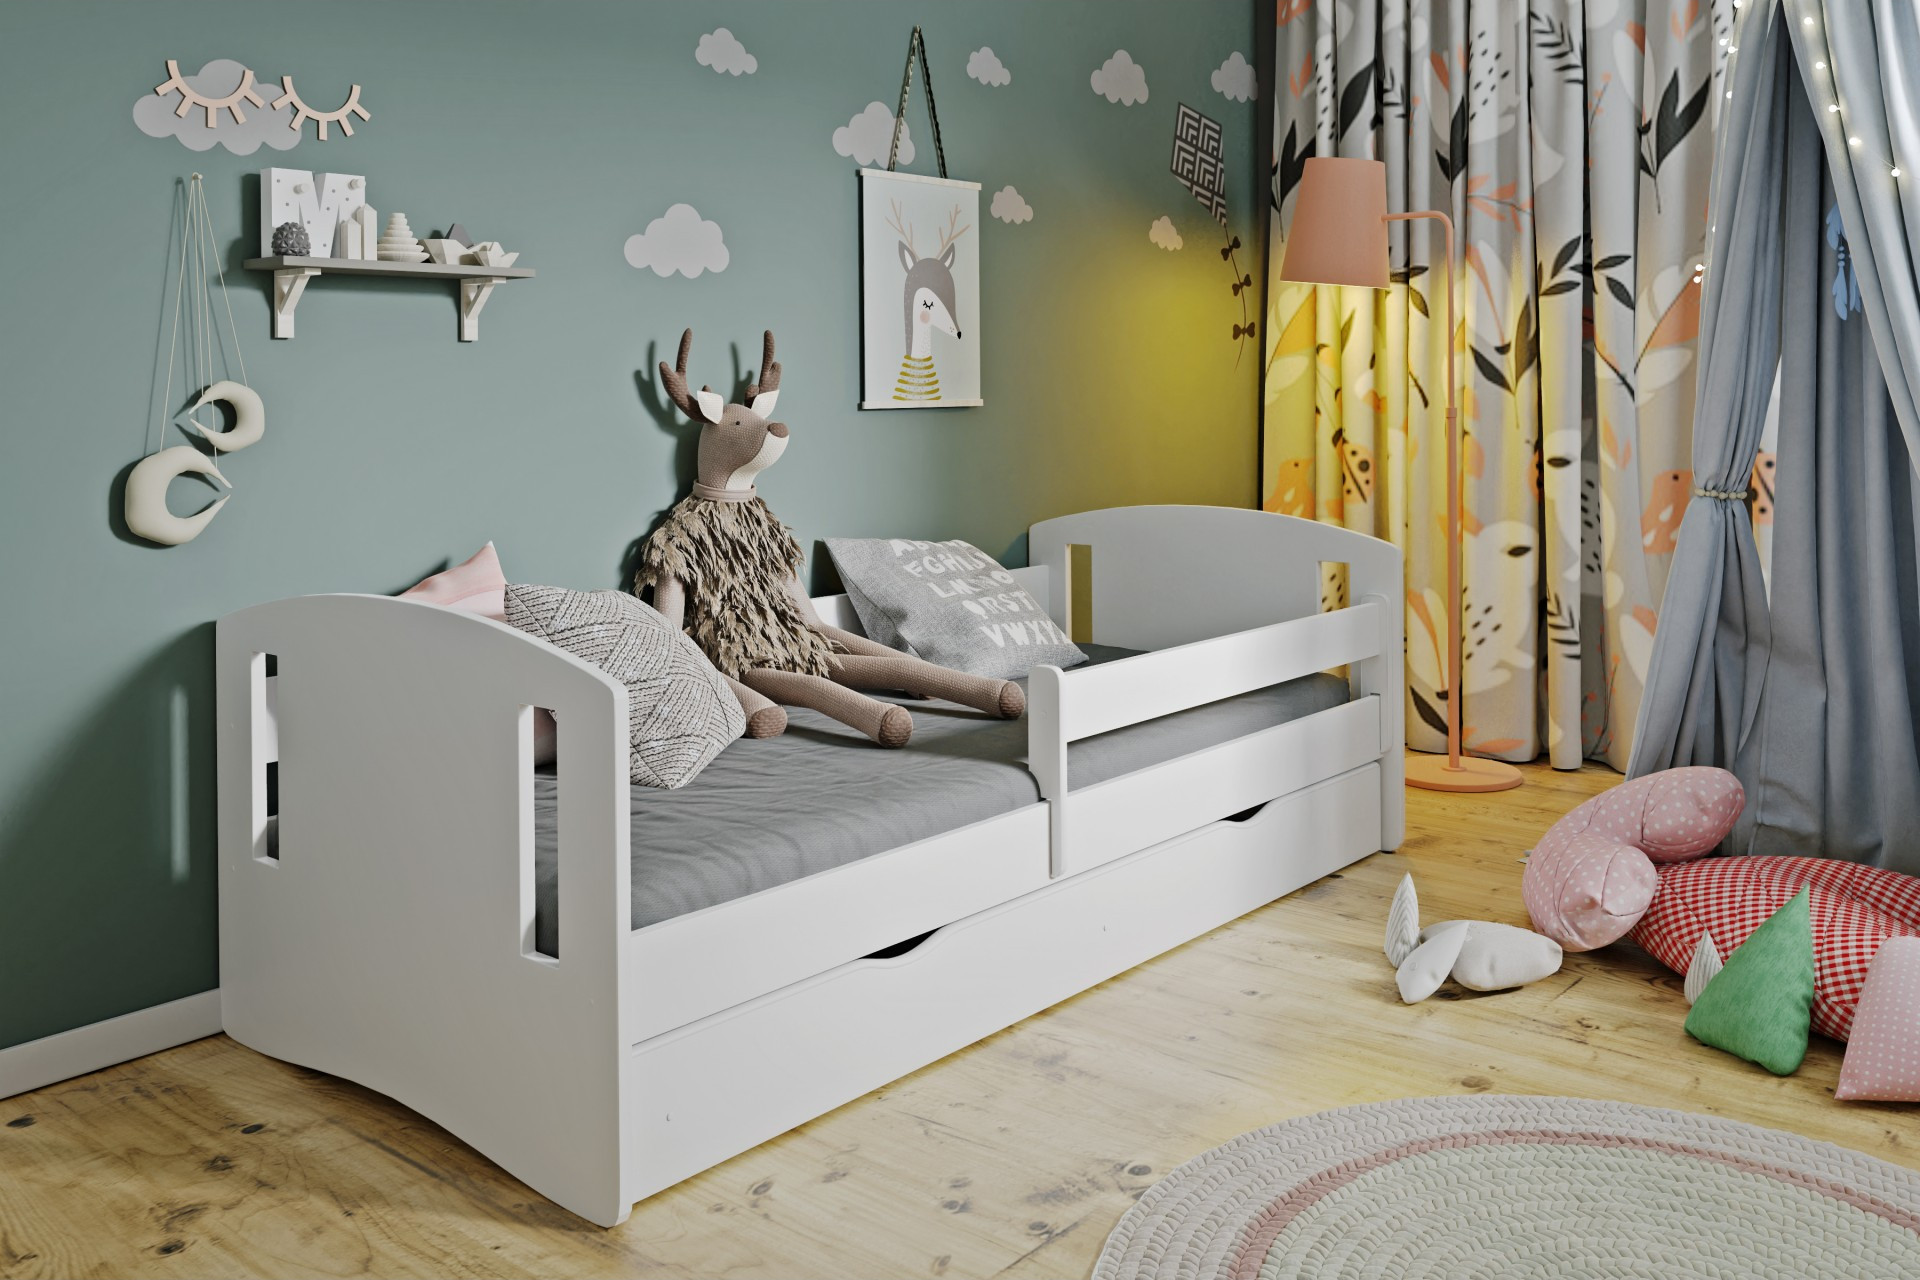 Łóżko dziecięce białe